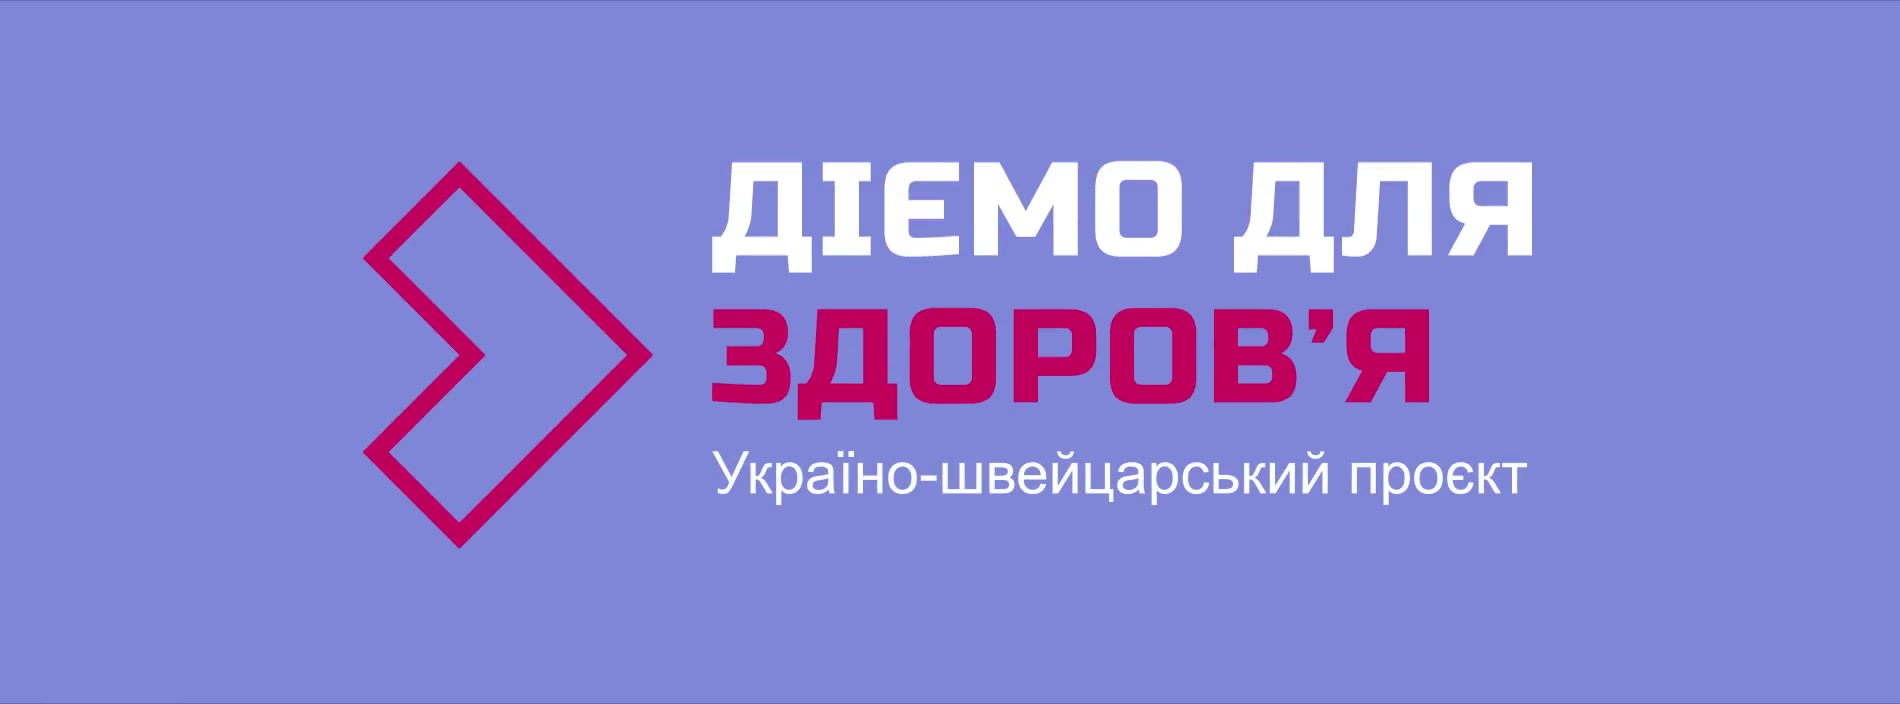 """Україно-швейцарський проєкт """"Діємо для здоров'я"""": Опитування"""